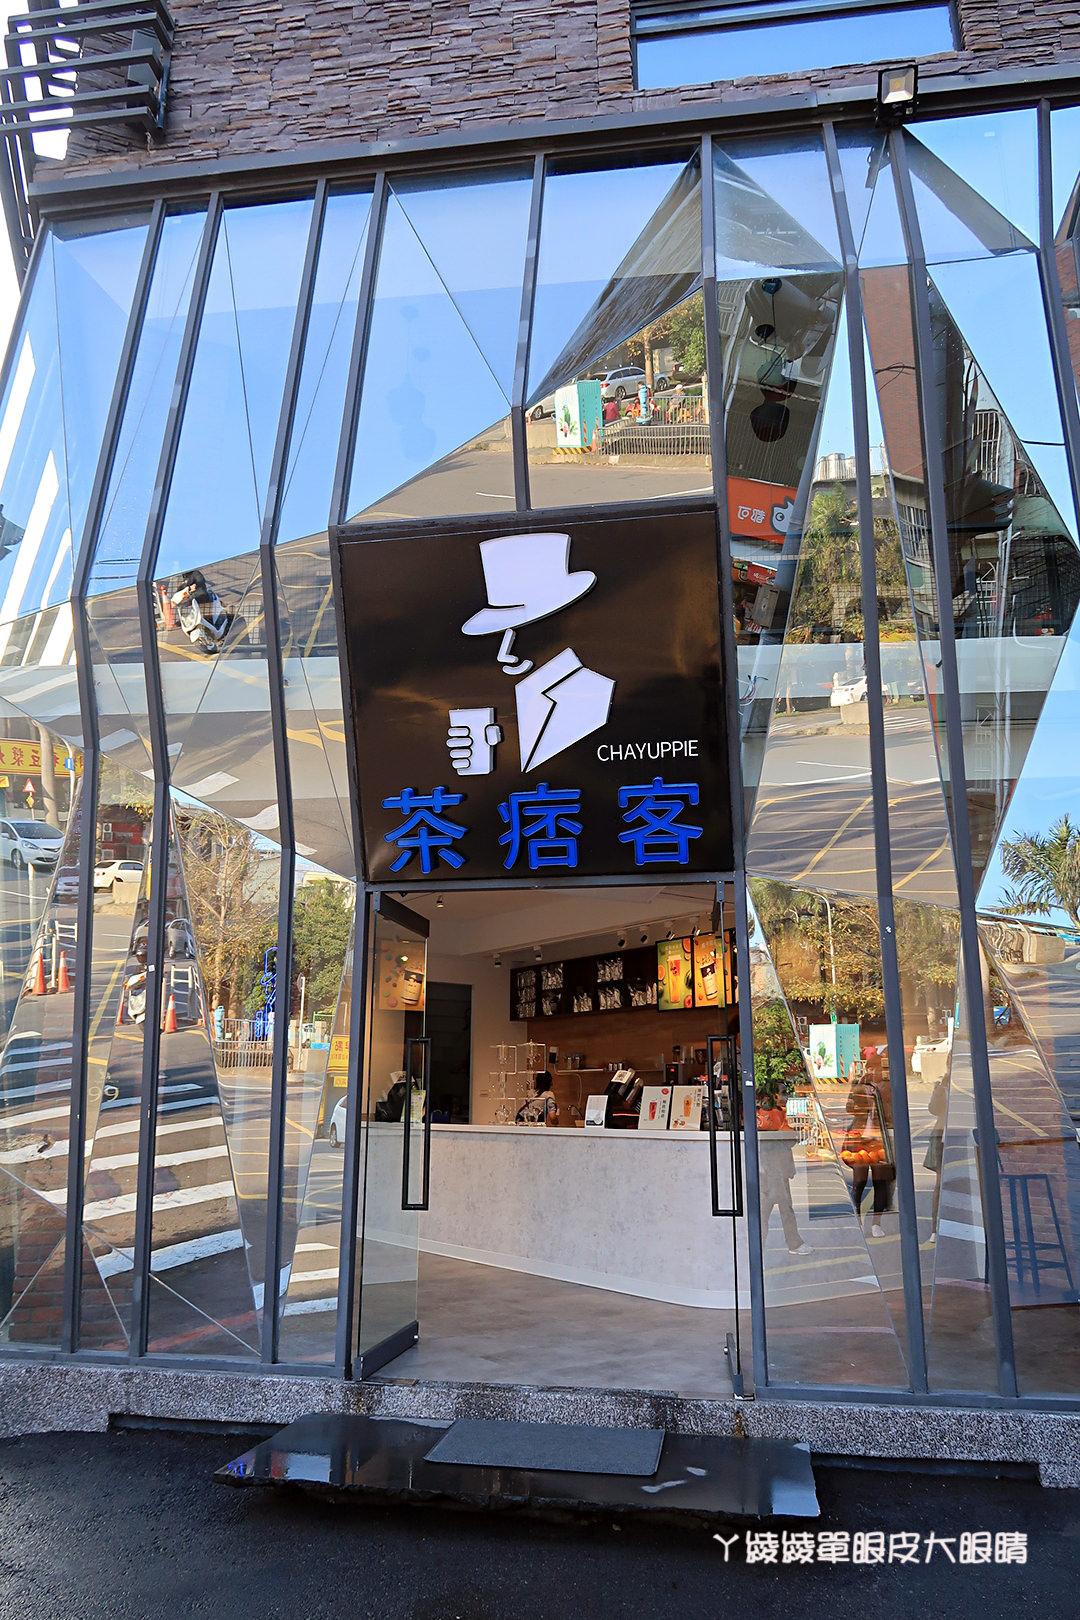 新竹飲料店推薦茶痞客!巨城旁的鑽石玻璃屋,茶品現點現沖!營業近凌晨,提供WIFI及插座